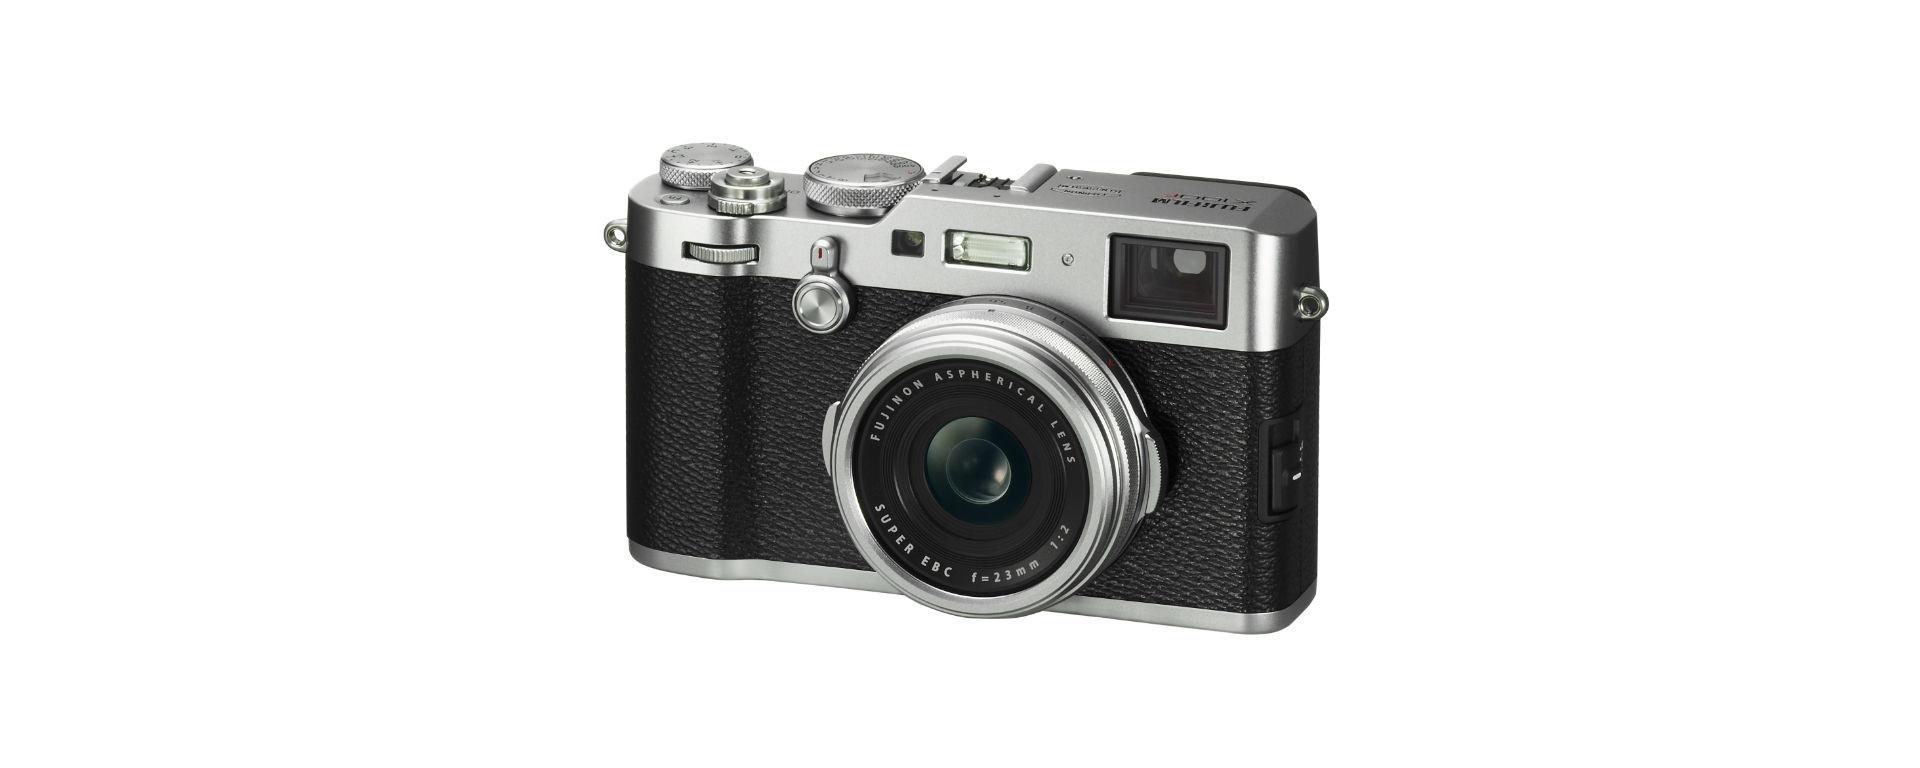 Fujifilm X100F Camera: Review & Comparison to the Fuji X100T